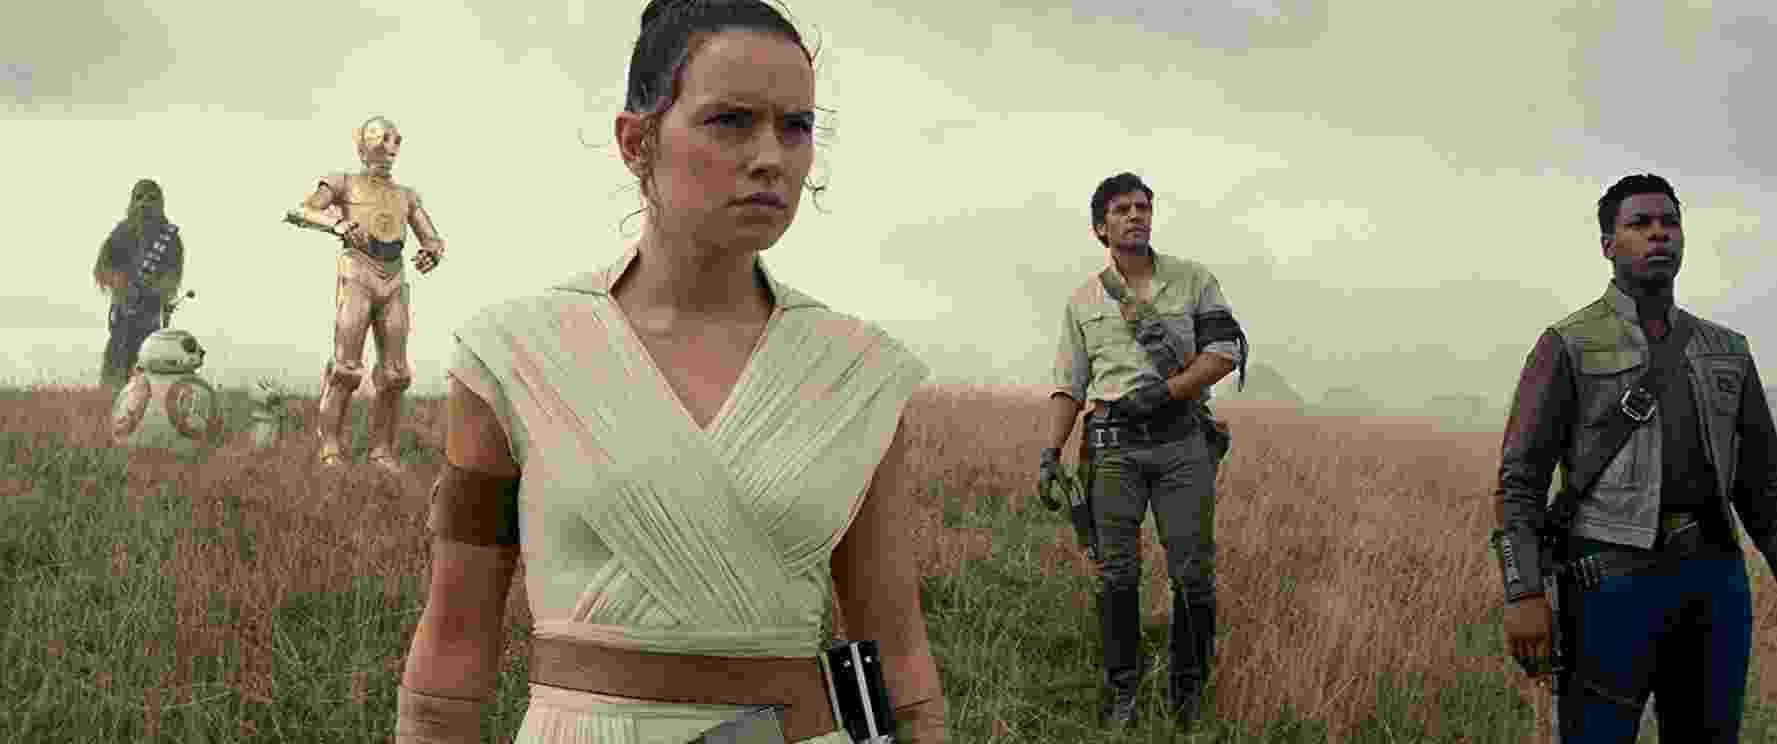 """Os heróis de """"Star Wars IX: The Rise of Skywalker"""" se reúnem para um novo desafio - Divulgação"""